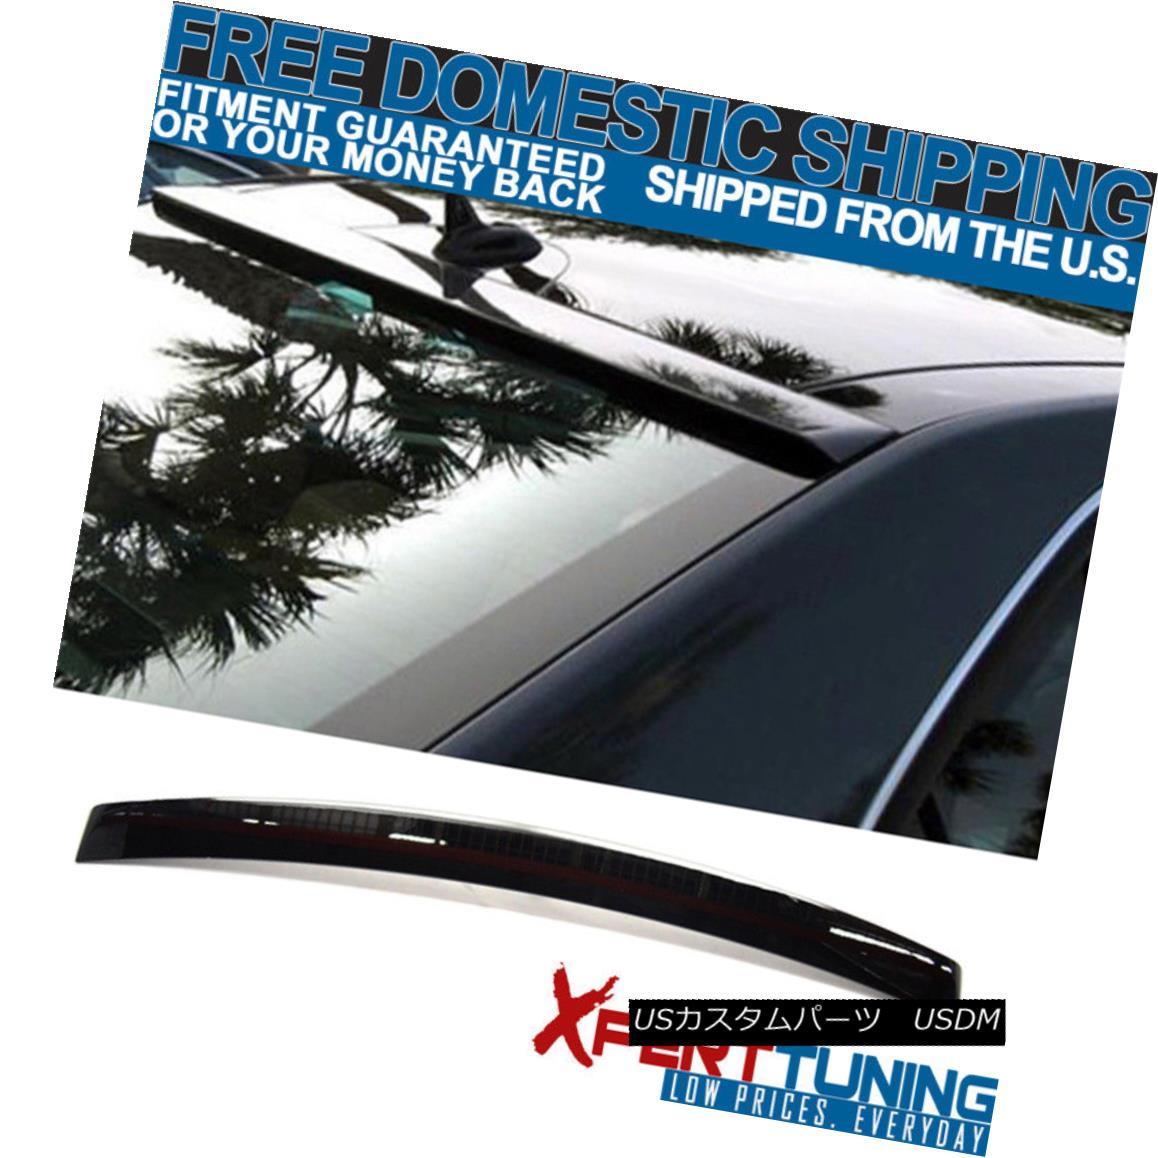 エアロパーツ Fit For 10-16 Benz E-Class W212 OE Style #040 Black Painted Roof Spoiler フィット10-16ベンツEクラスW212 OEスタイル#040黒塗装ルーフスポイラー